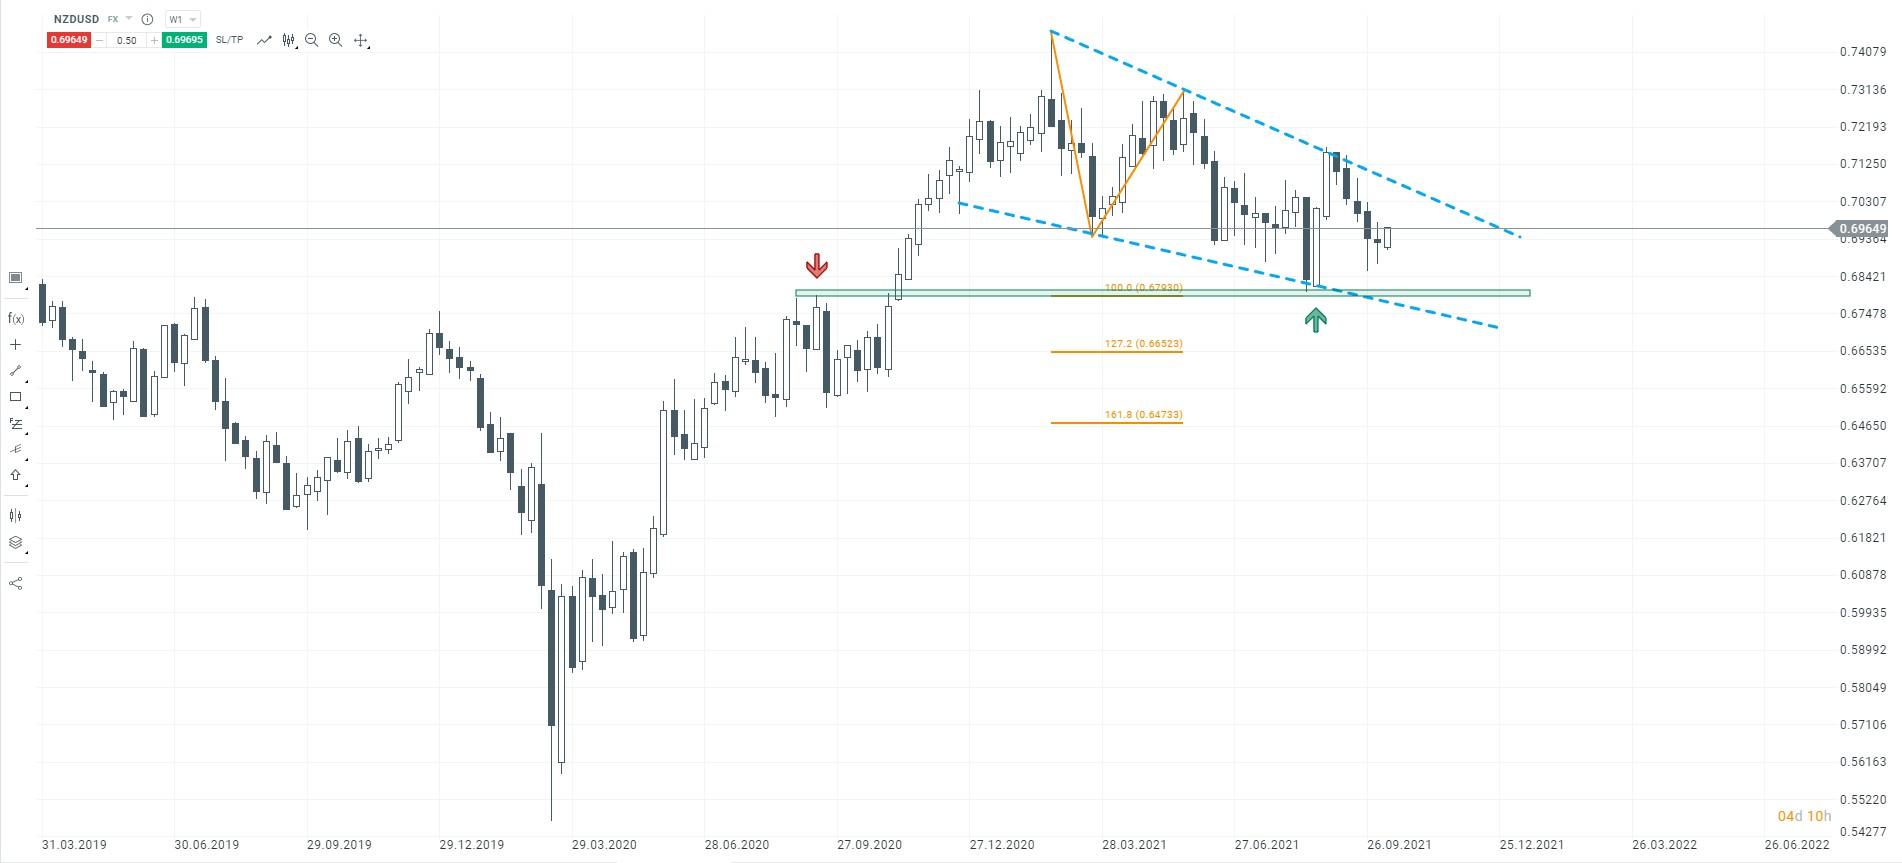 Czy waluty surowcowe będą dalej rosły? Sytuacja na wykresie NZDUSD